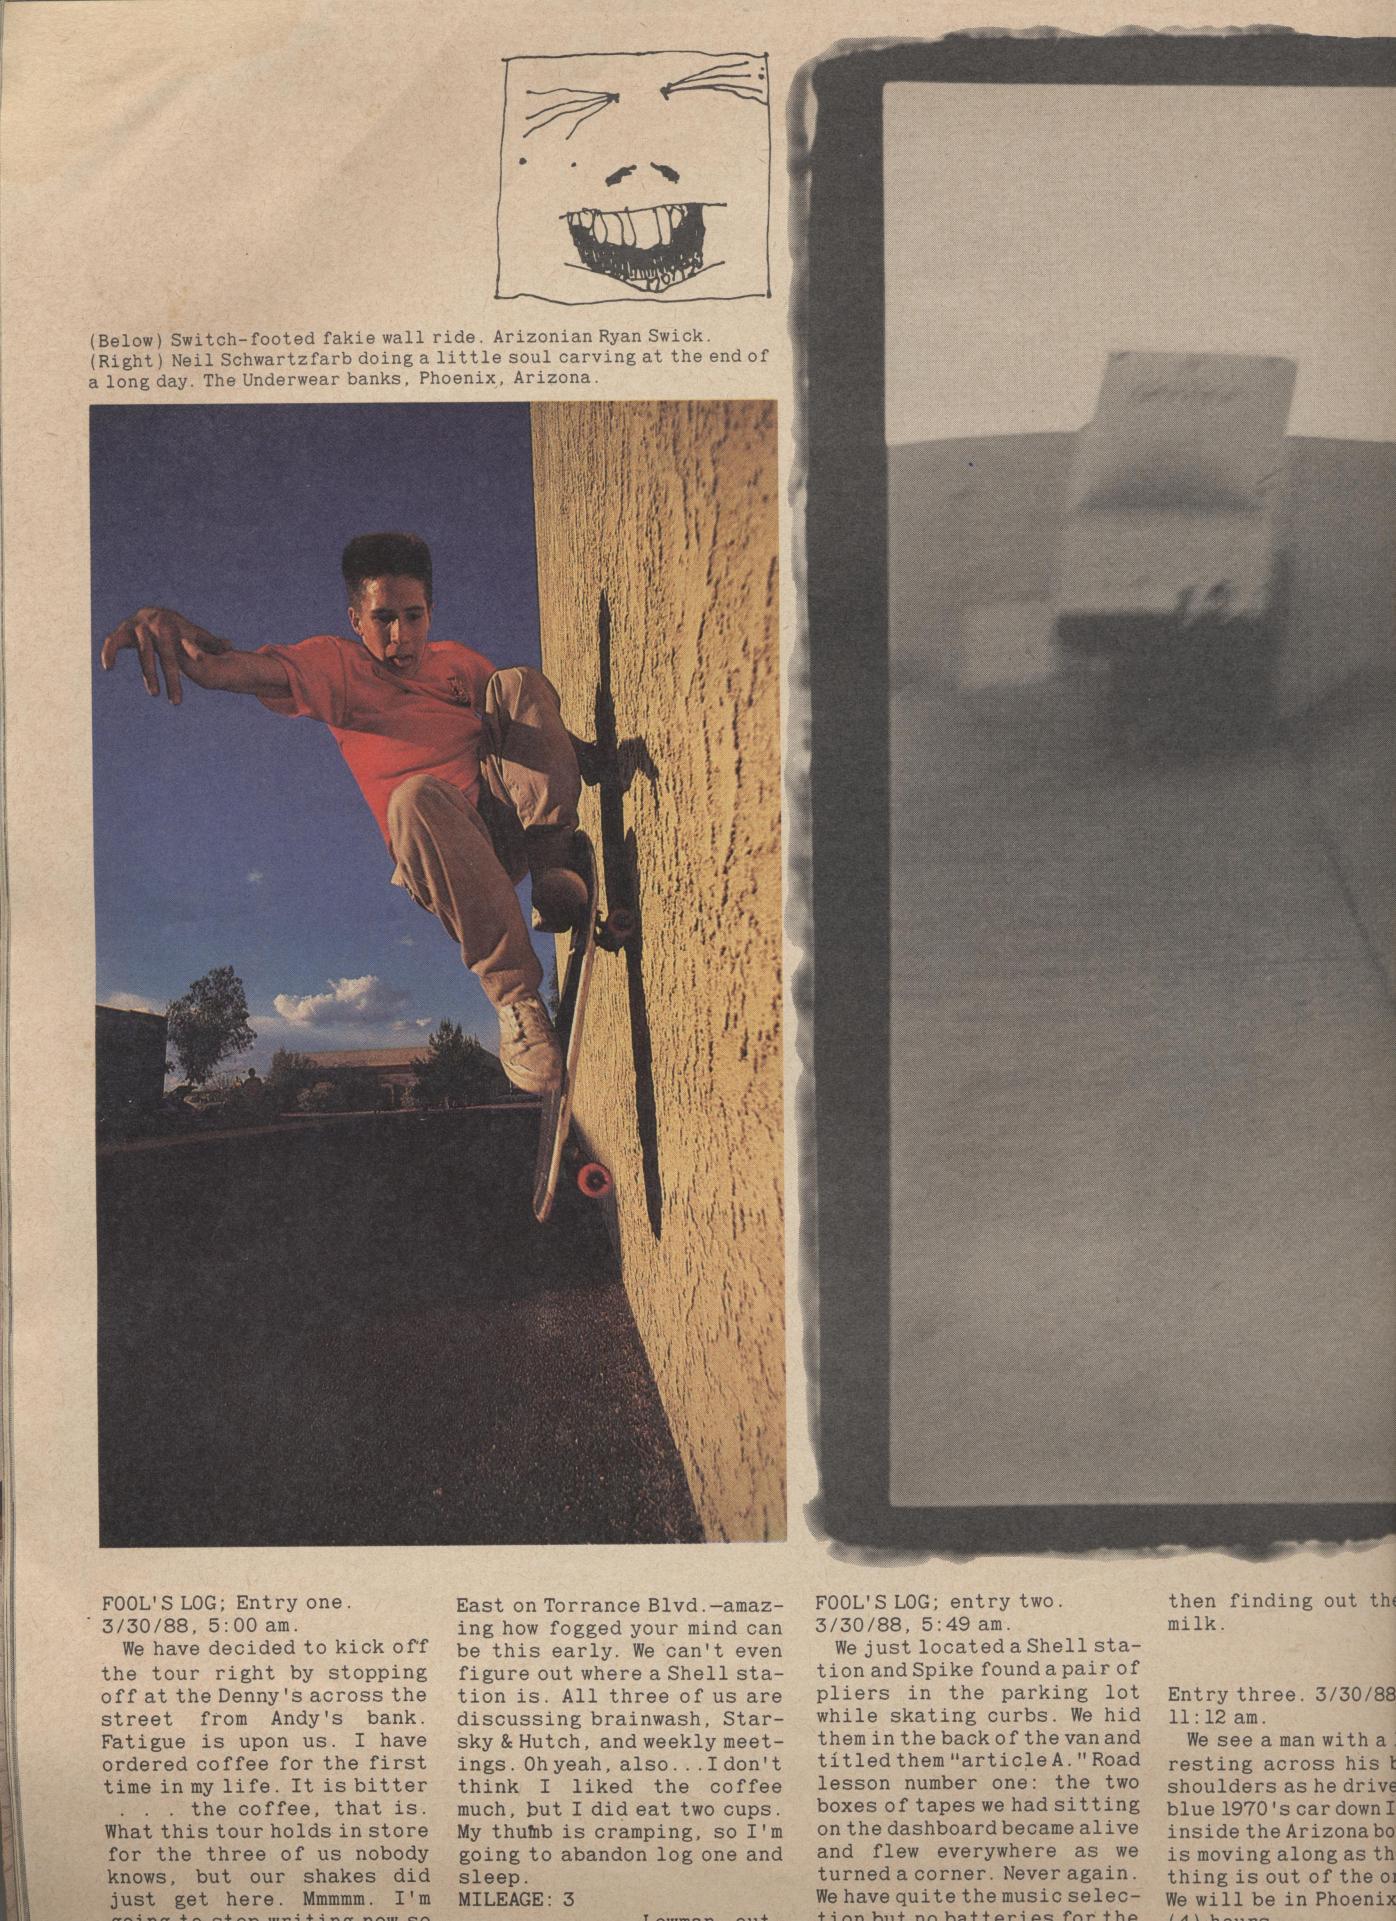 Switch-footed wall ride Ryan Swick Photo: Spike Jonze